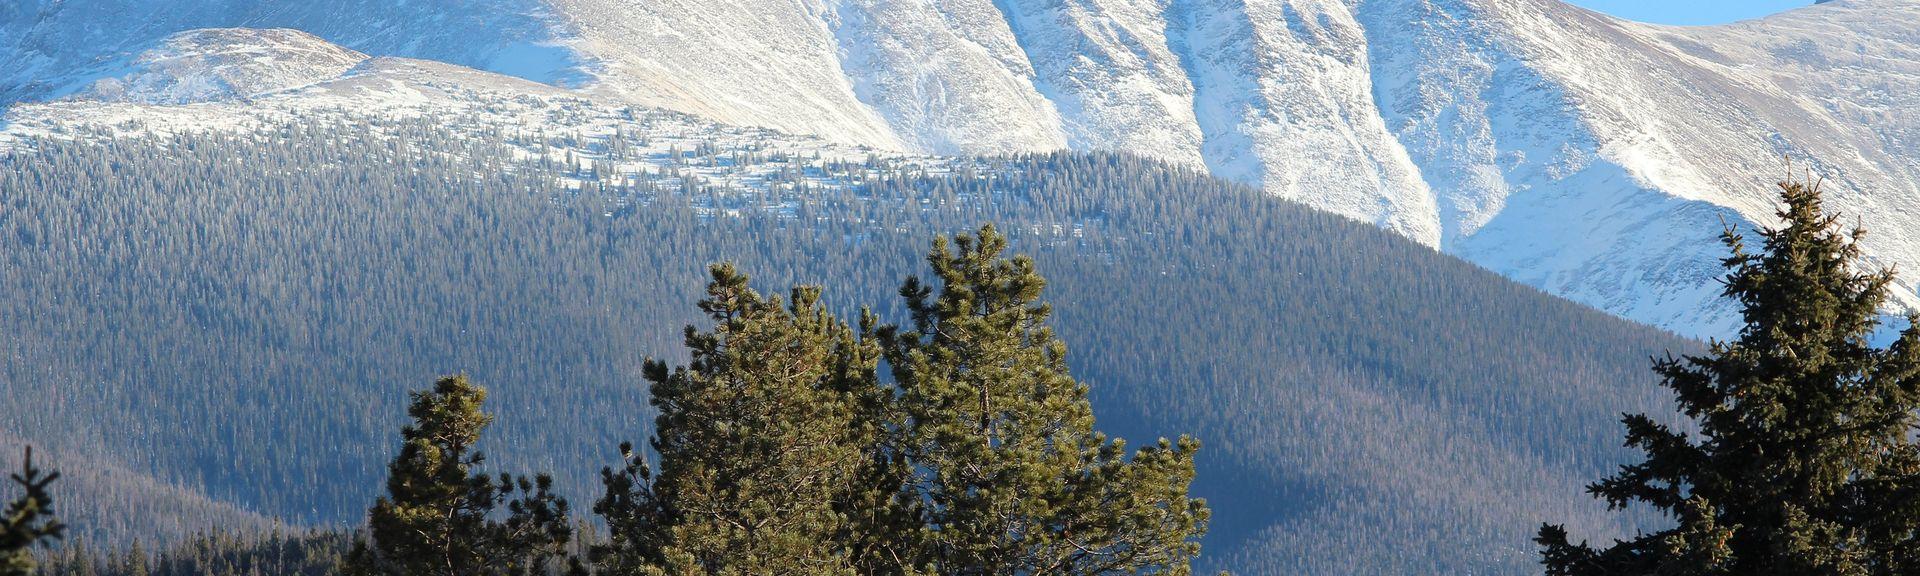 Silverado II (Winter Park, Colorado, Vereinigte Staaten)